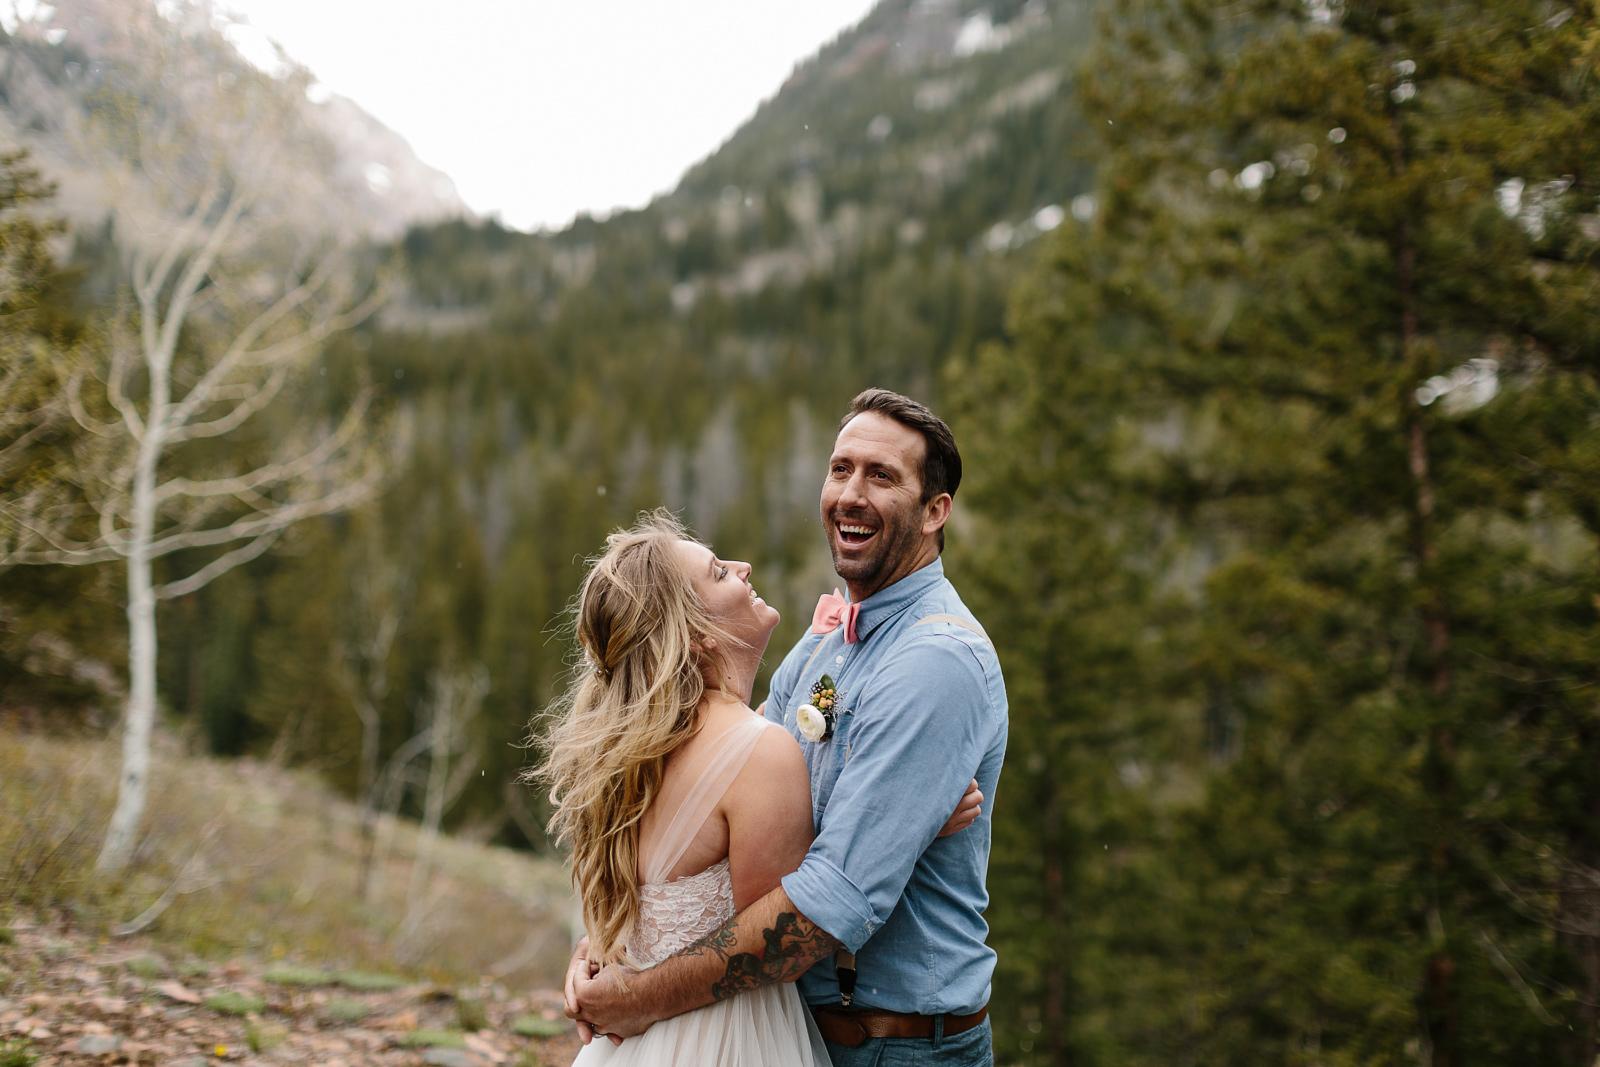 062-vail-elopement-photographer-chris-and-tara.jpg